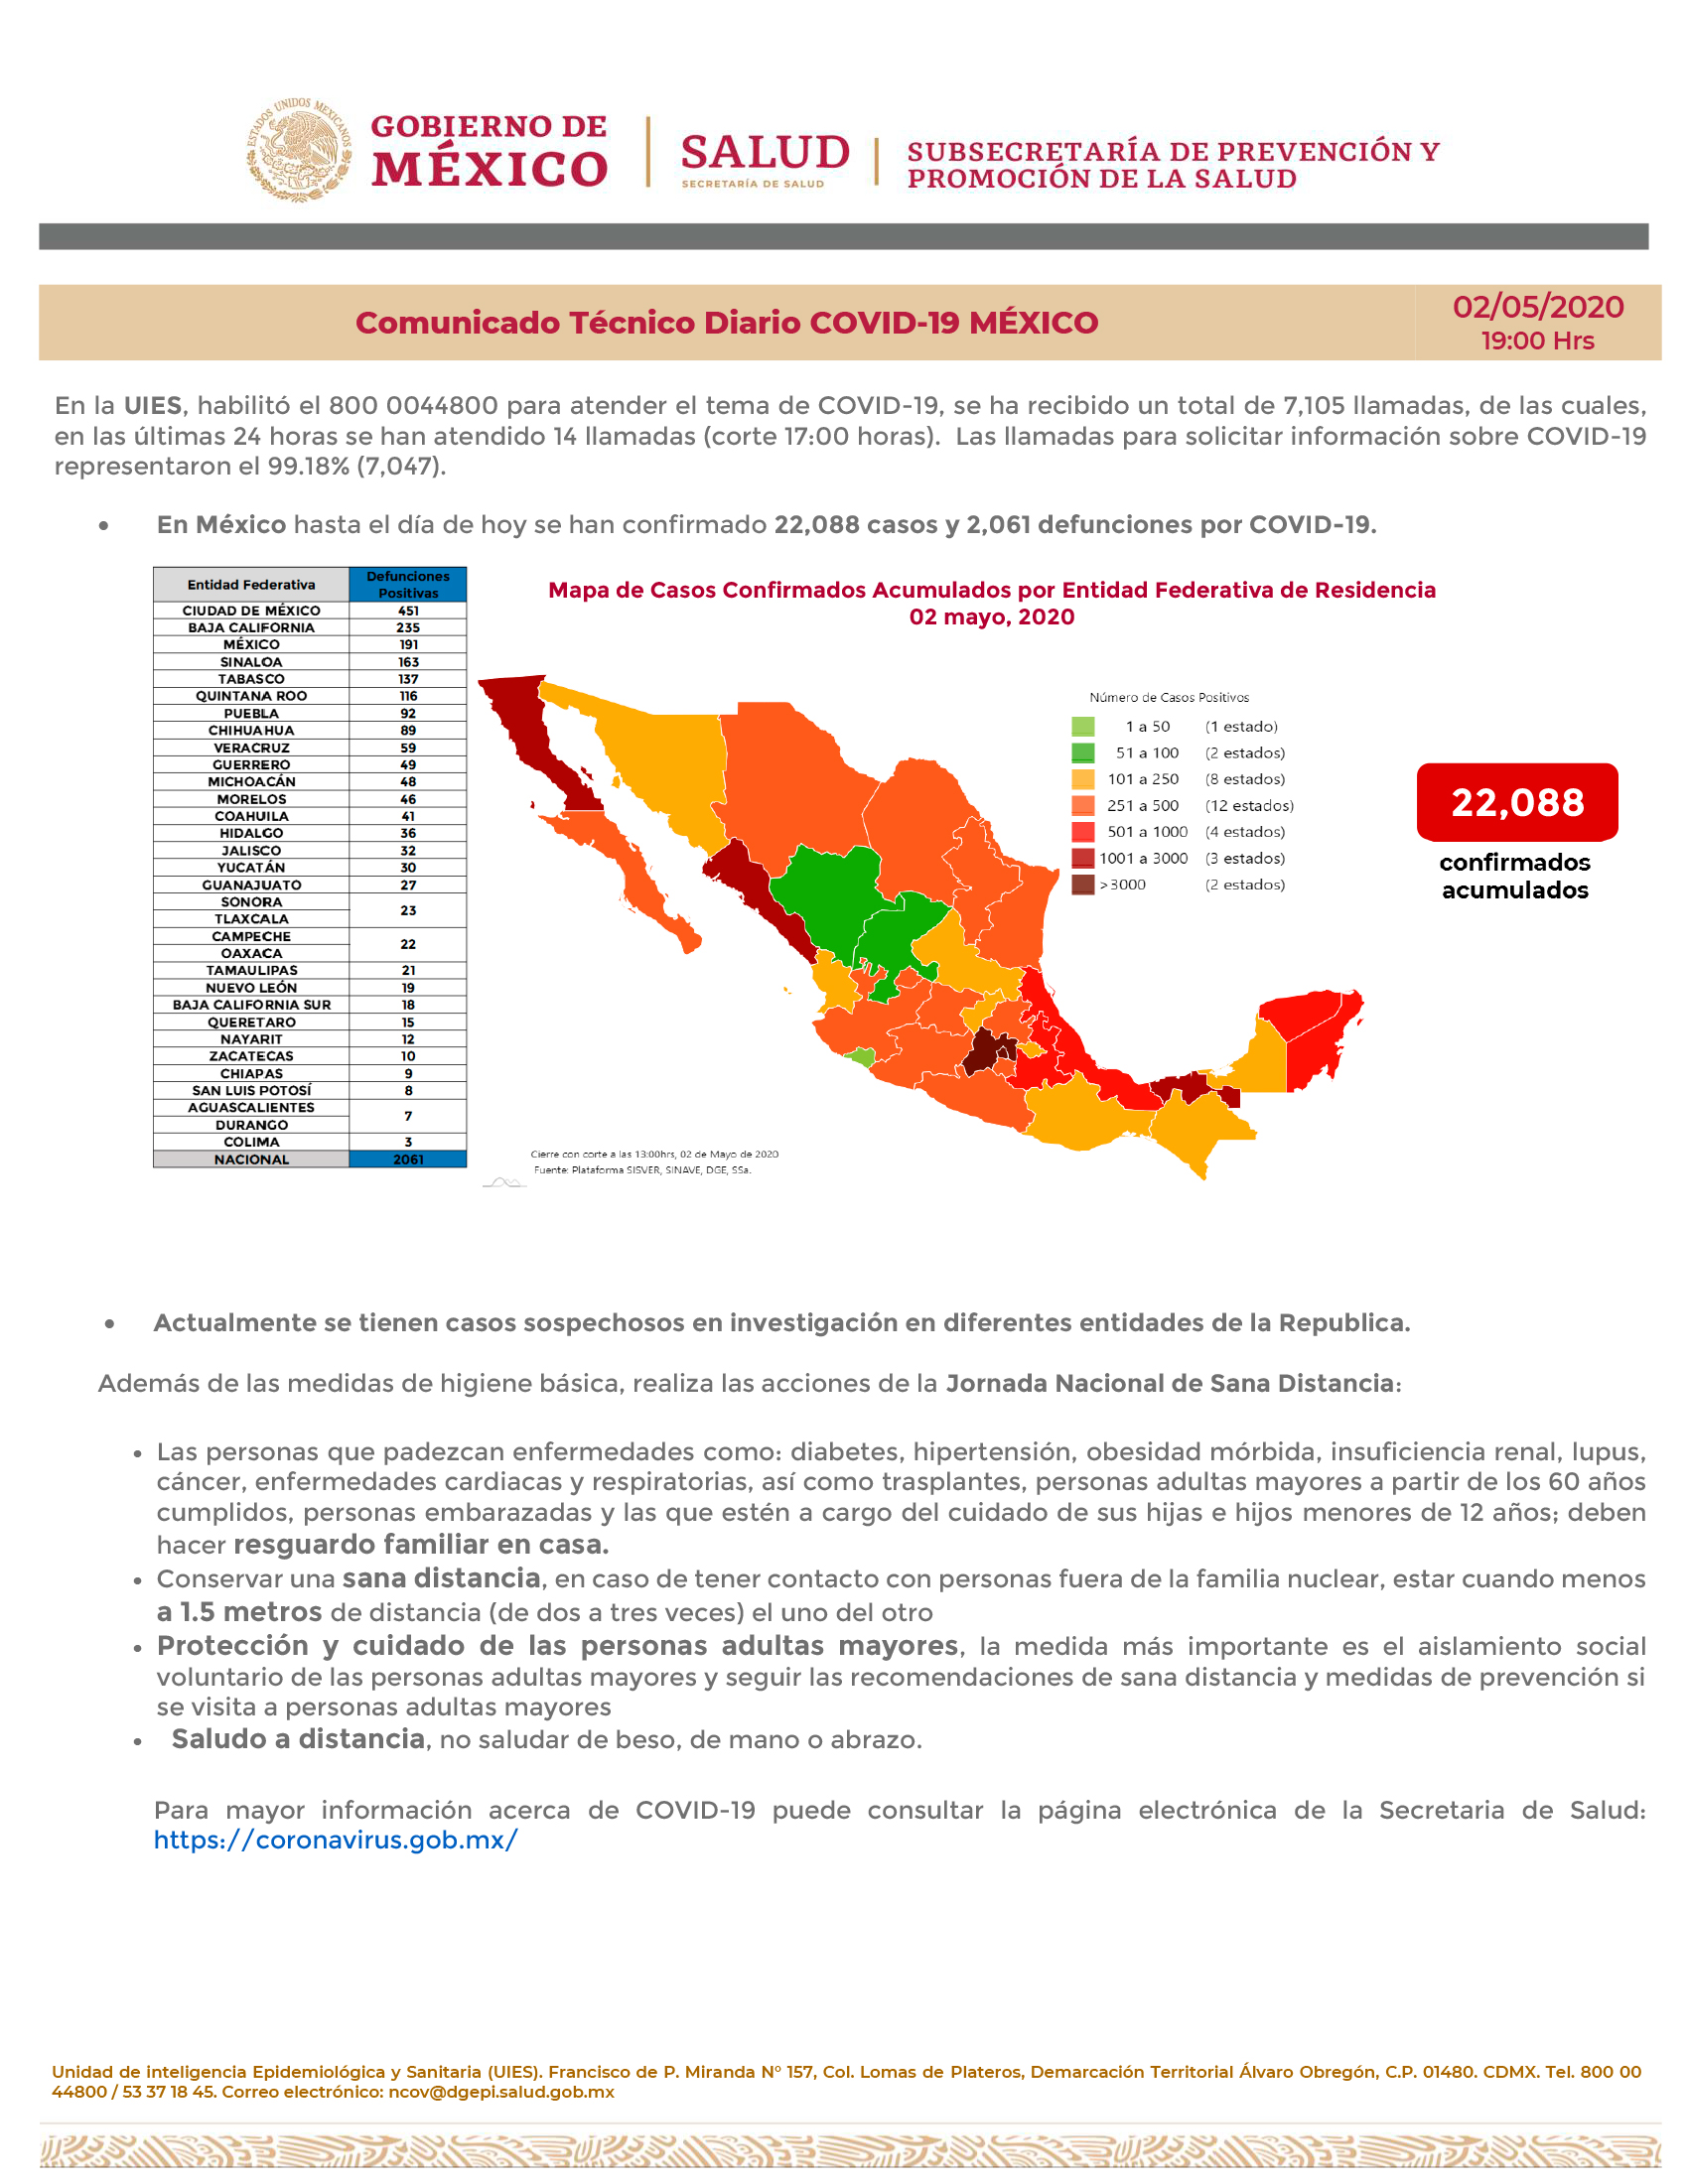 /cms/uploads/image/file/579965/Comunicado_Tecnico_Diario_COVID-19_2020.05.02-2.jpg